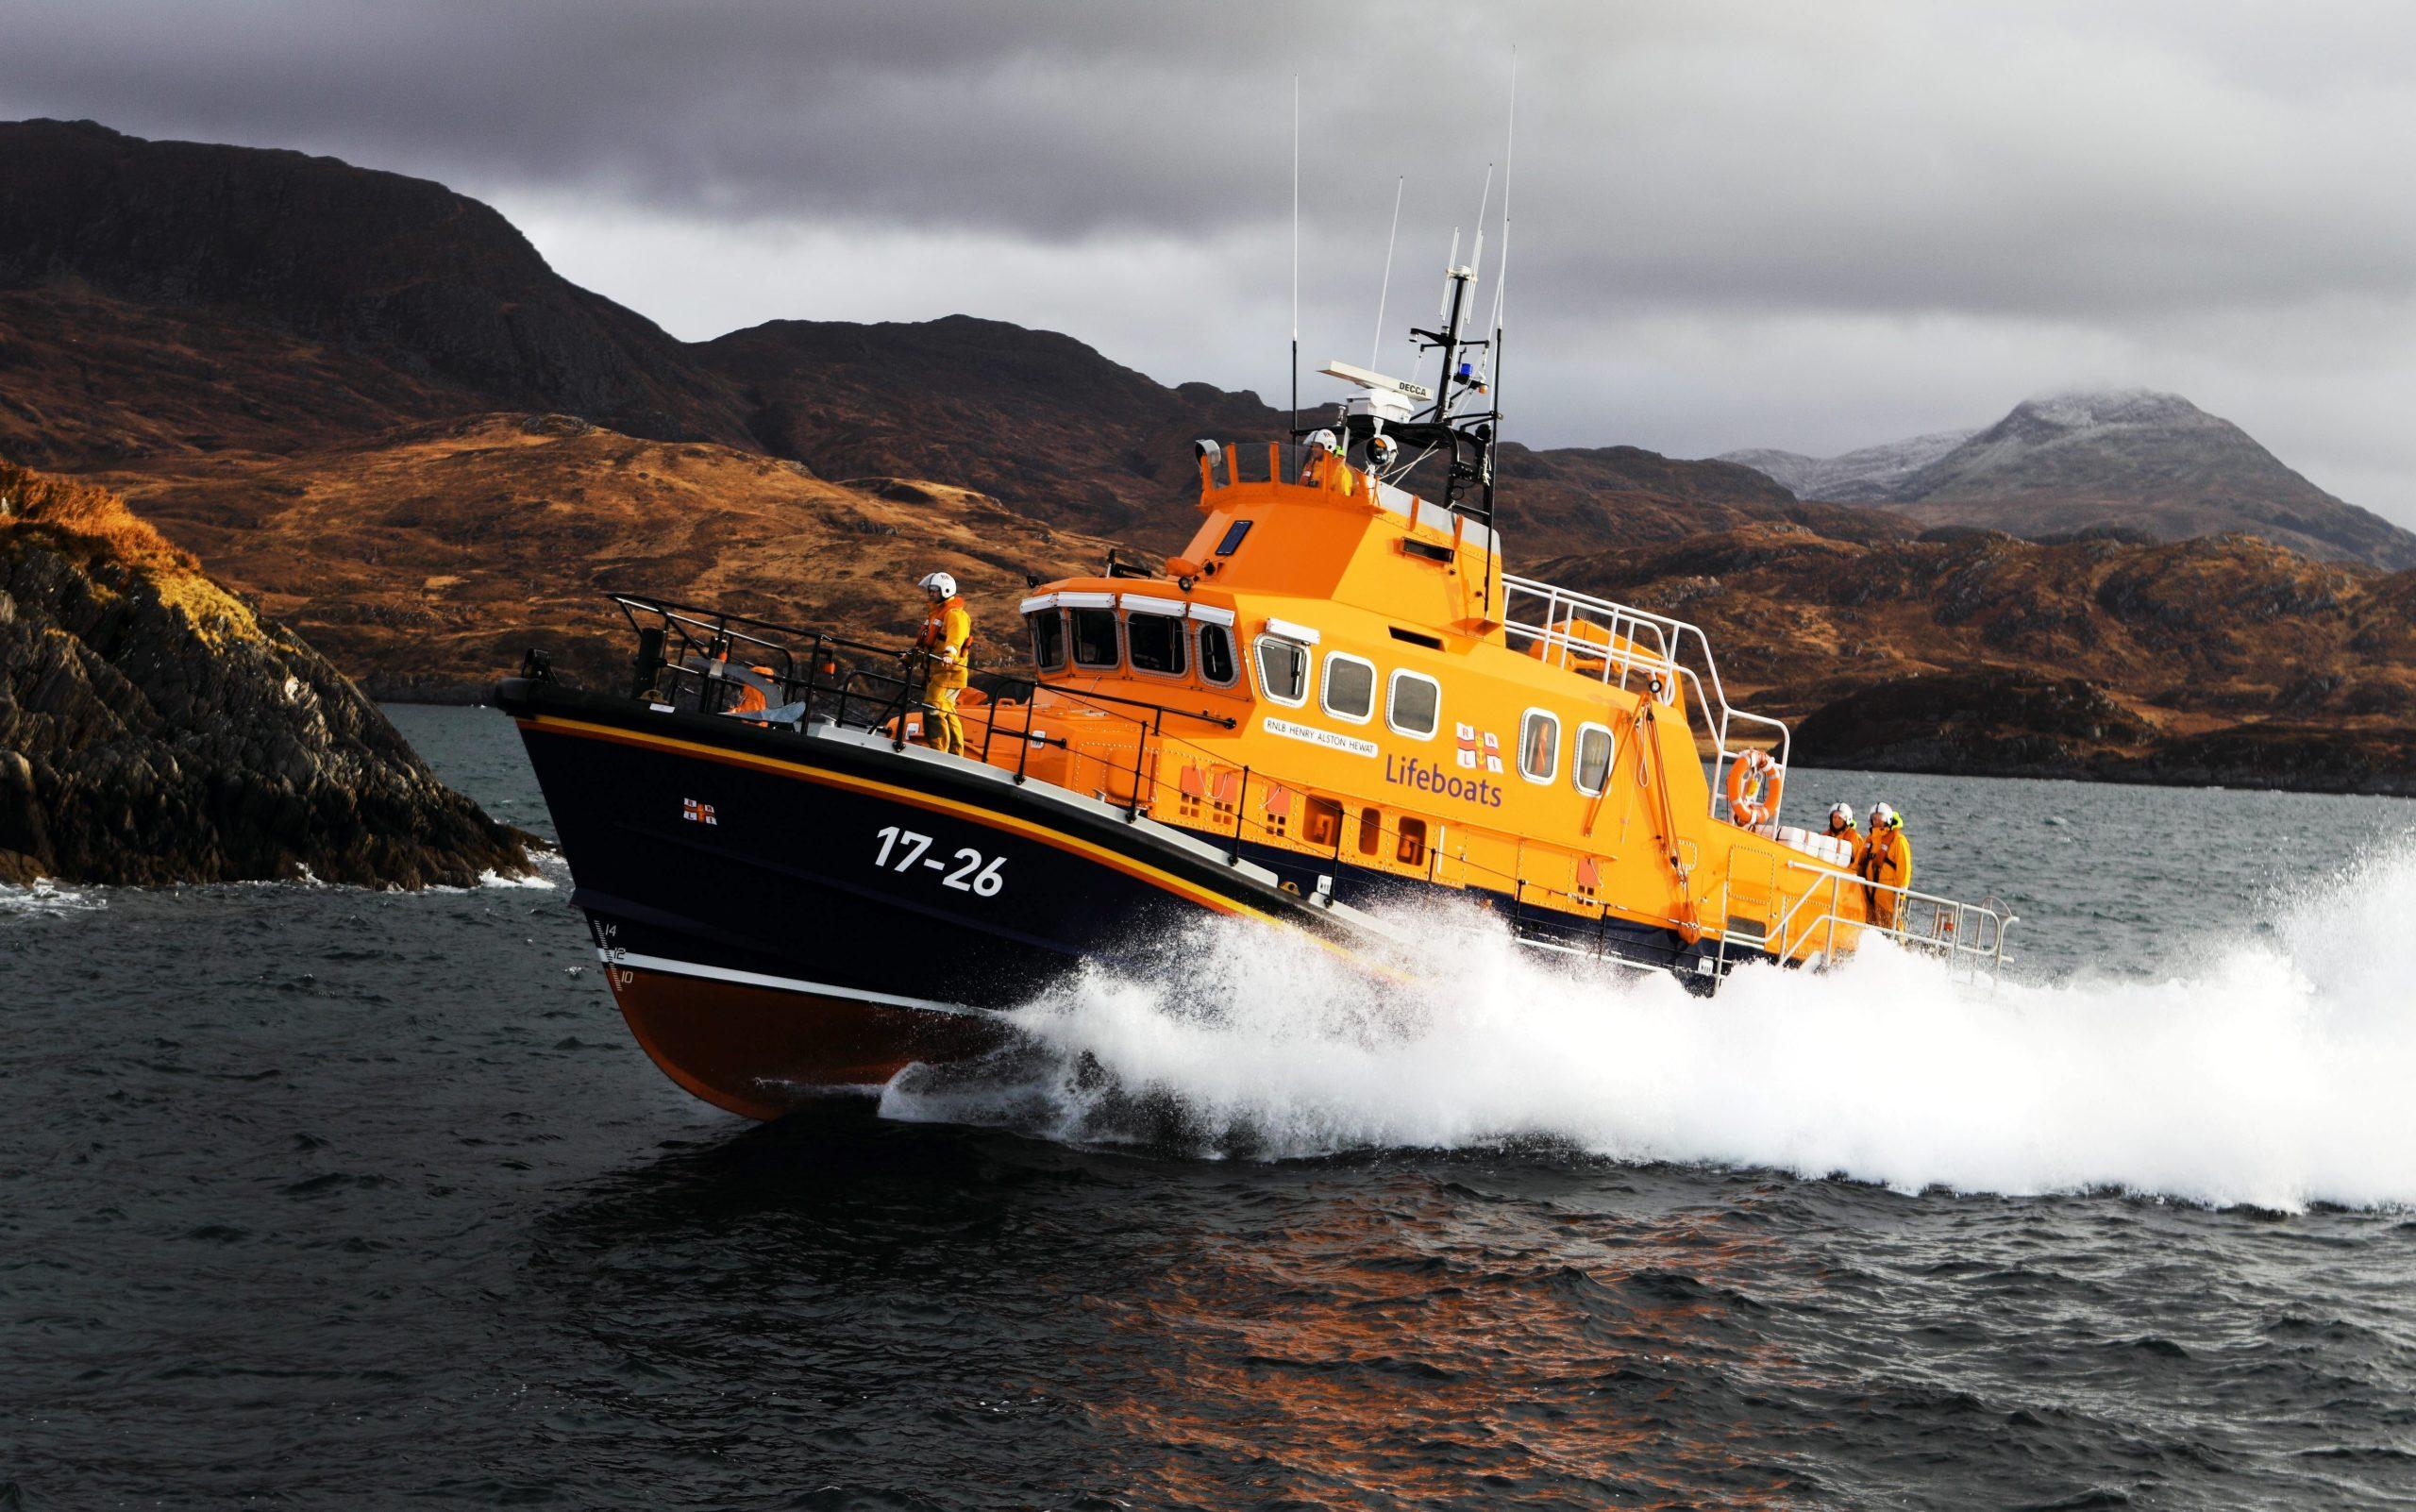 Mallaig Lifeboat